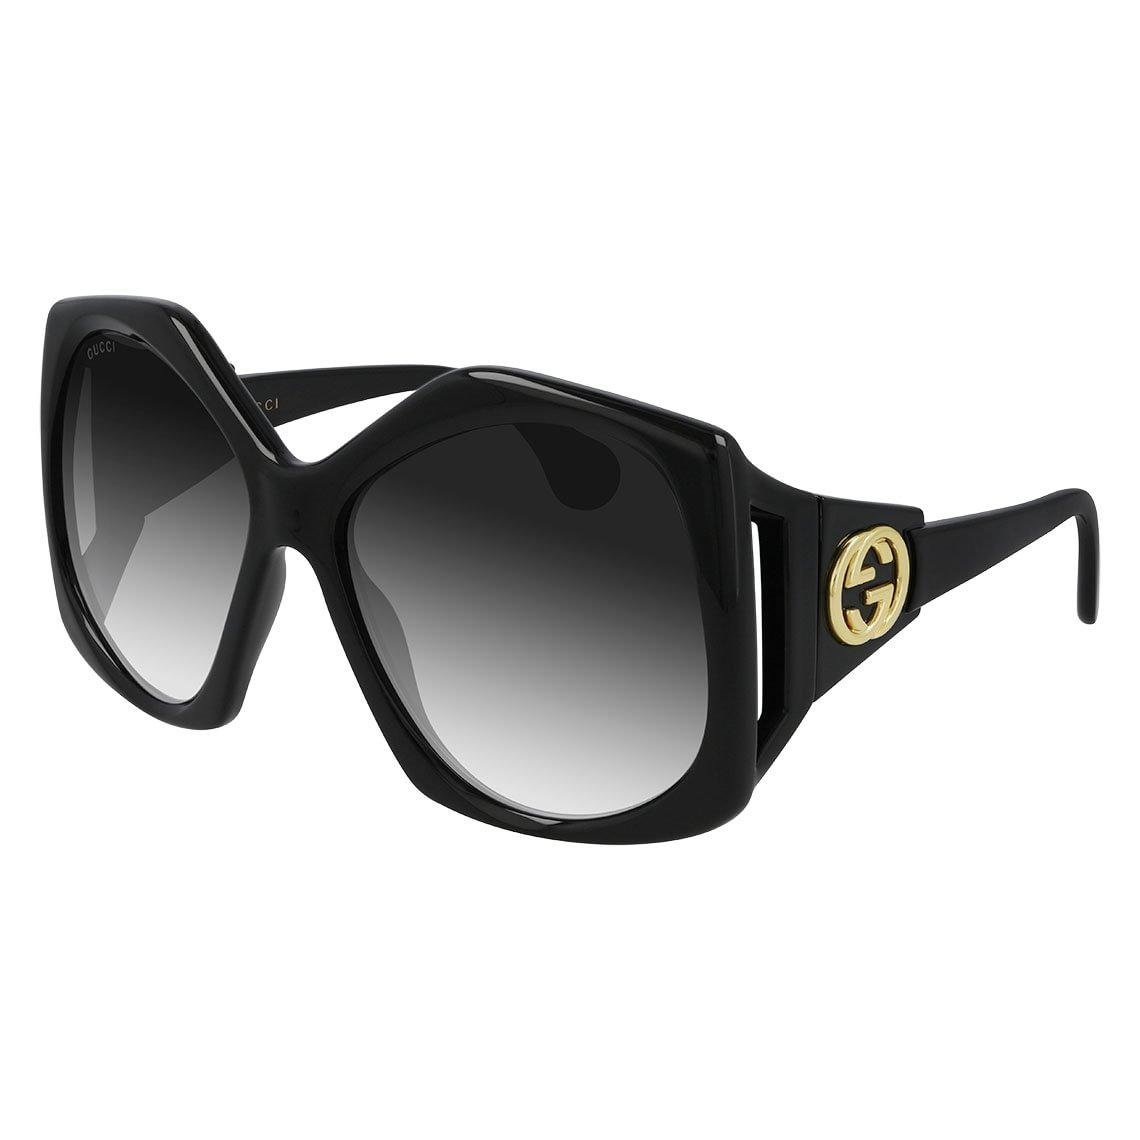 Gucci GG0875S 001 6216